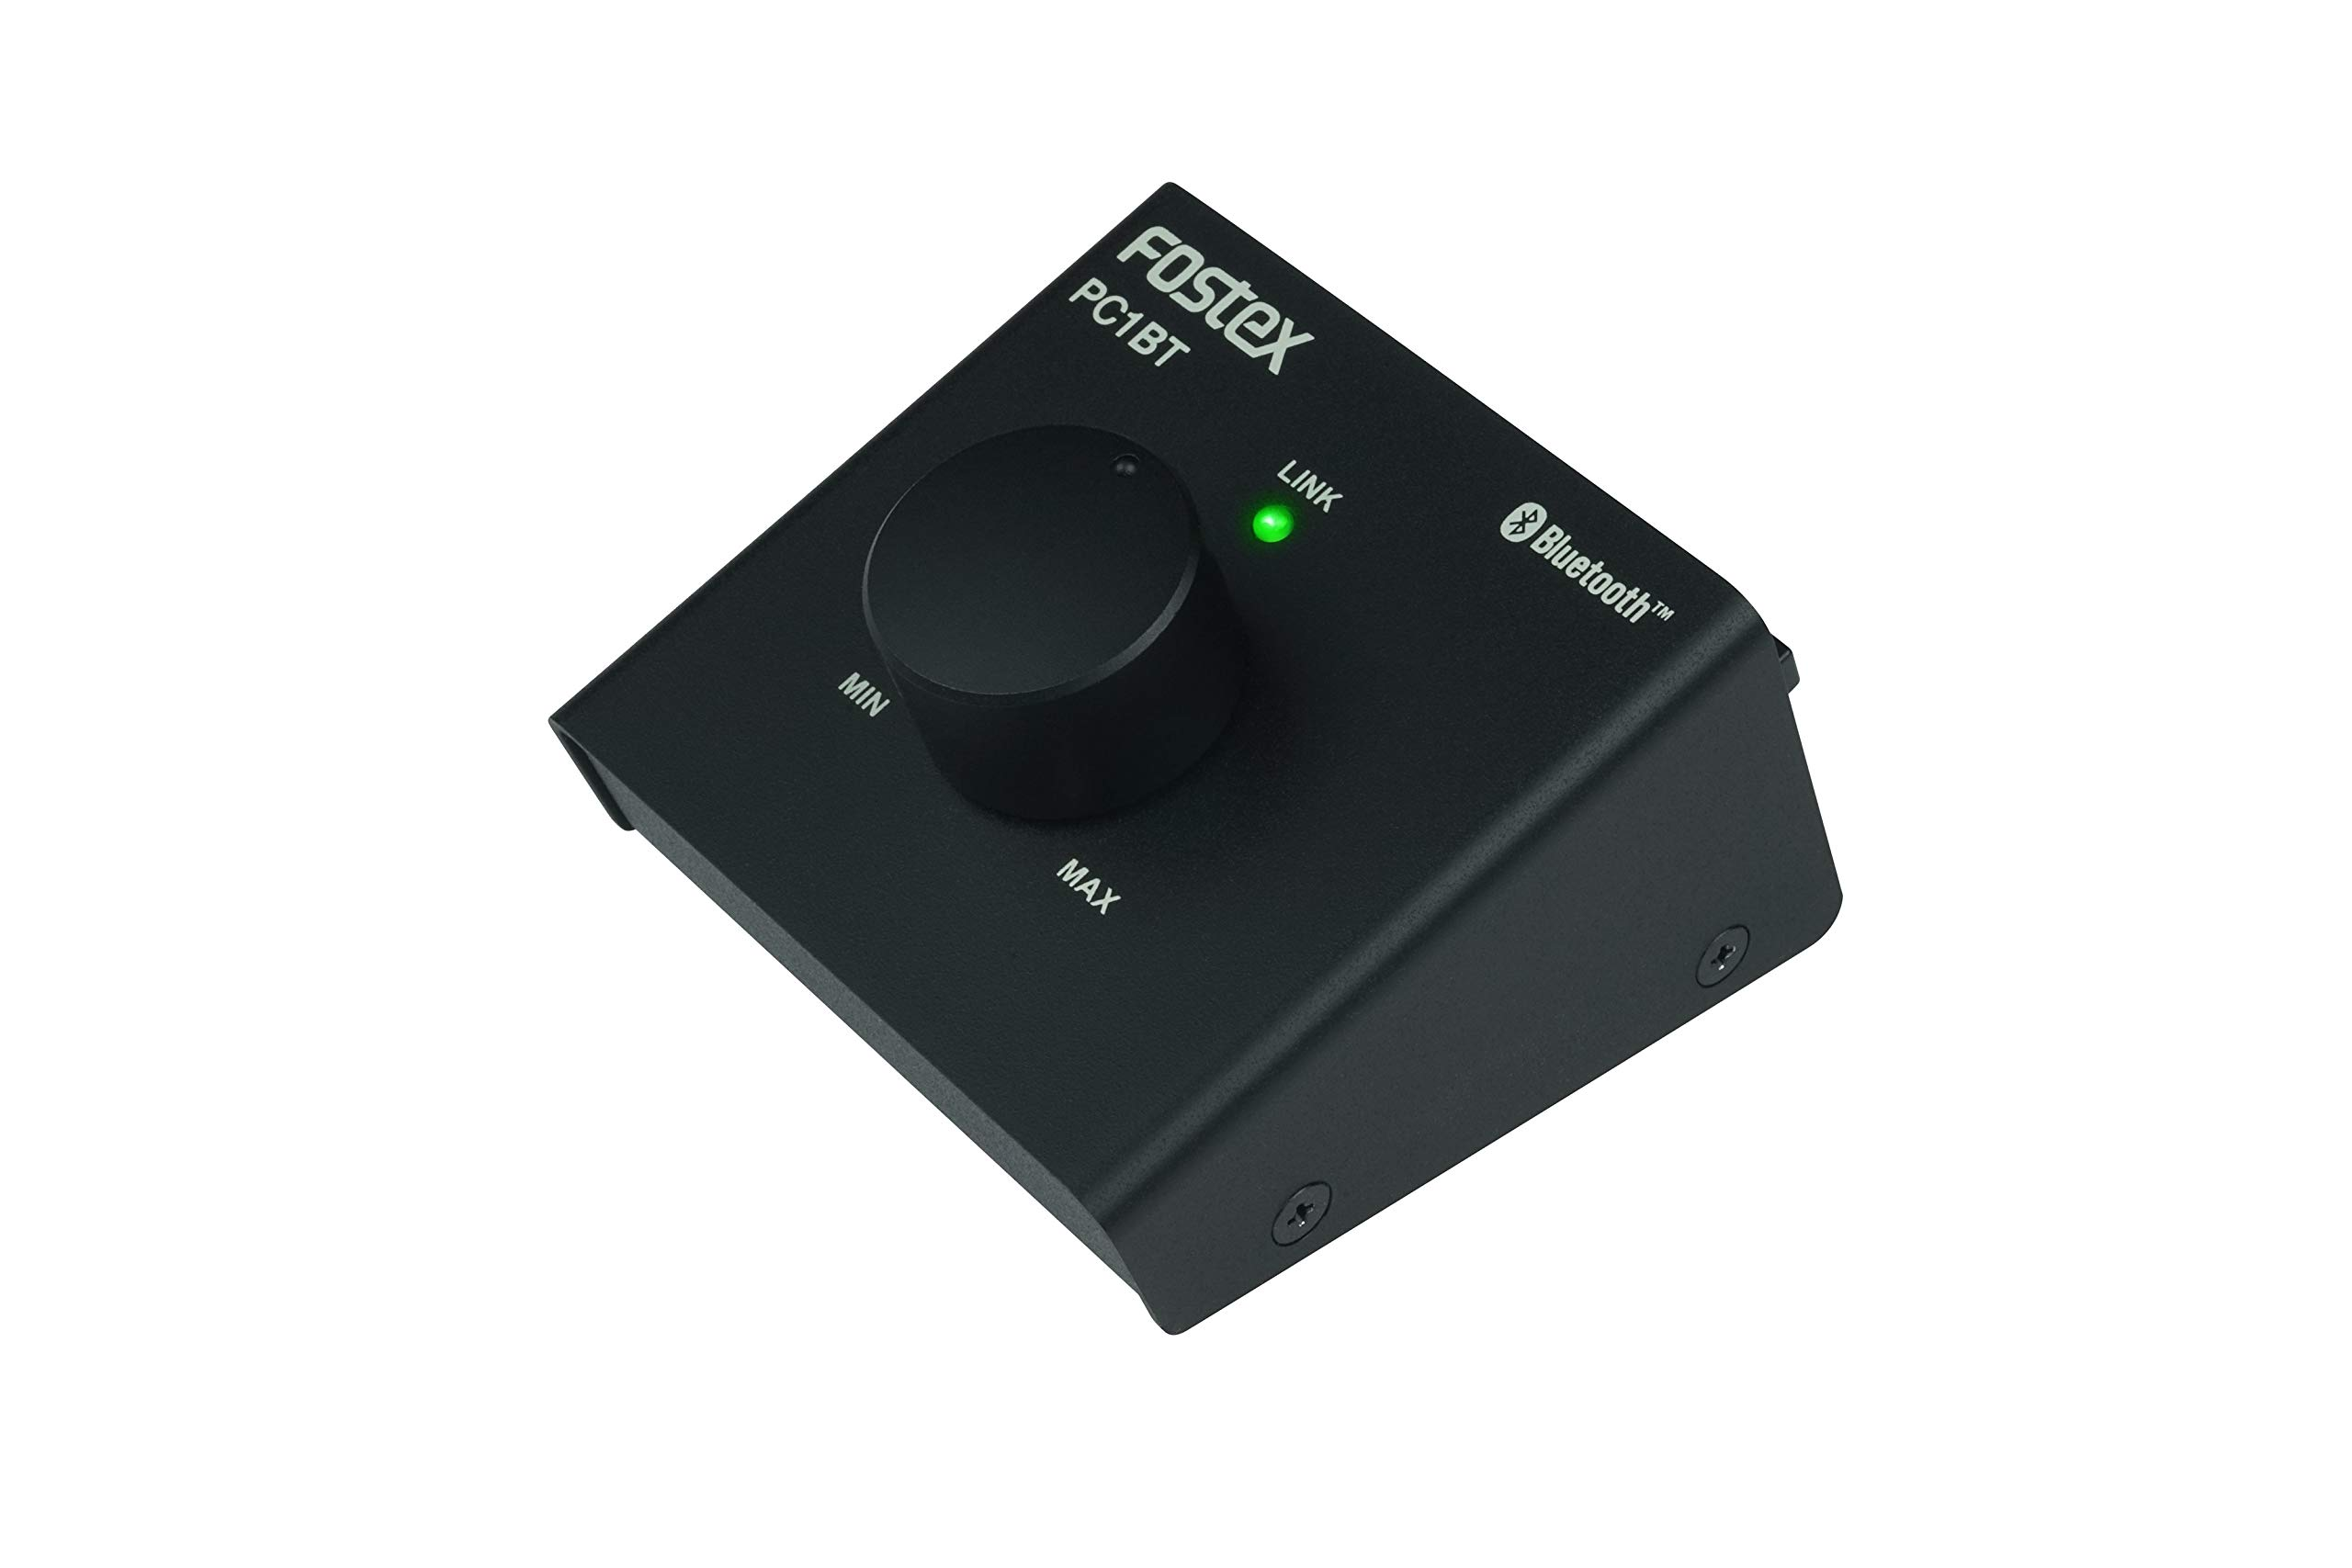 FOSTEX Wireless Volume Controller PC1BTBK